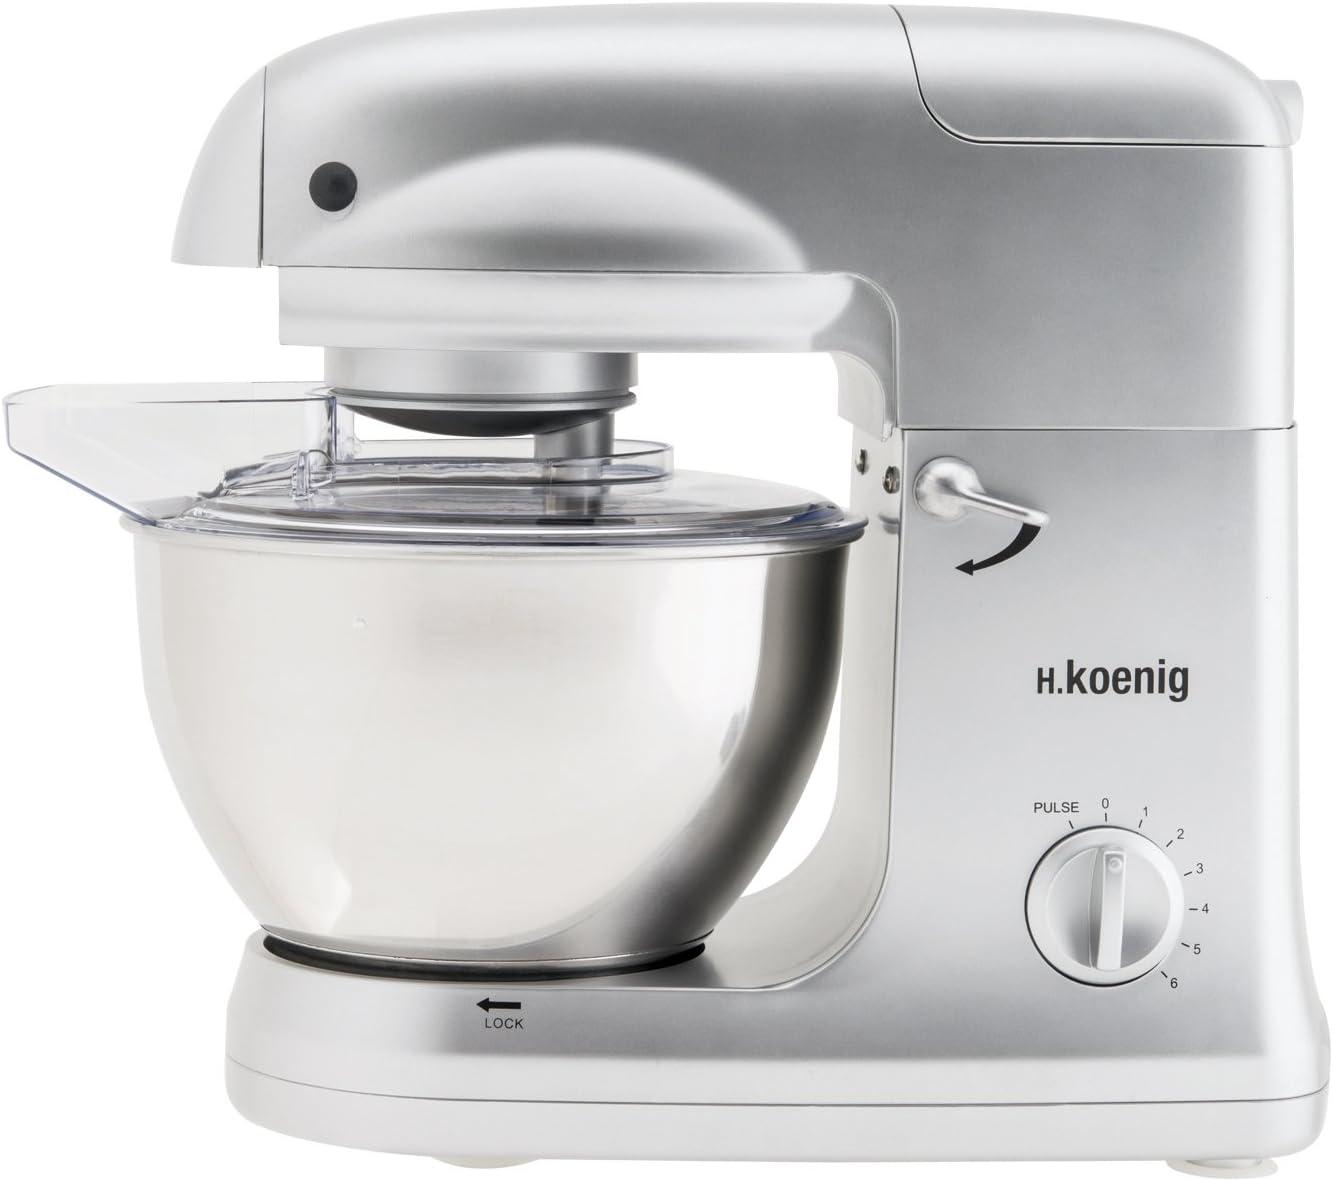 H.Koenig KM 78 KM78-Robot de Cocina multifunción, batidora amasadora, 5 l, 1000 W, Acero Inoxidable: Amazon.es: Hogar